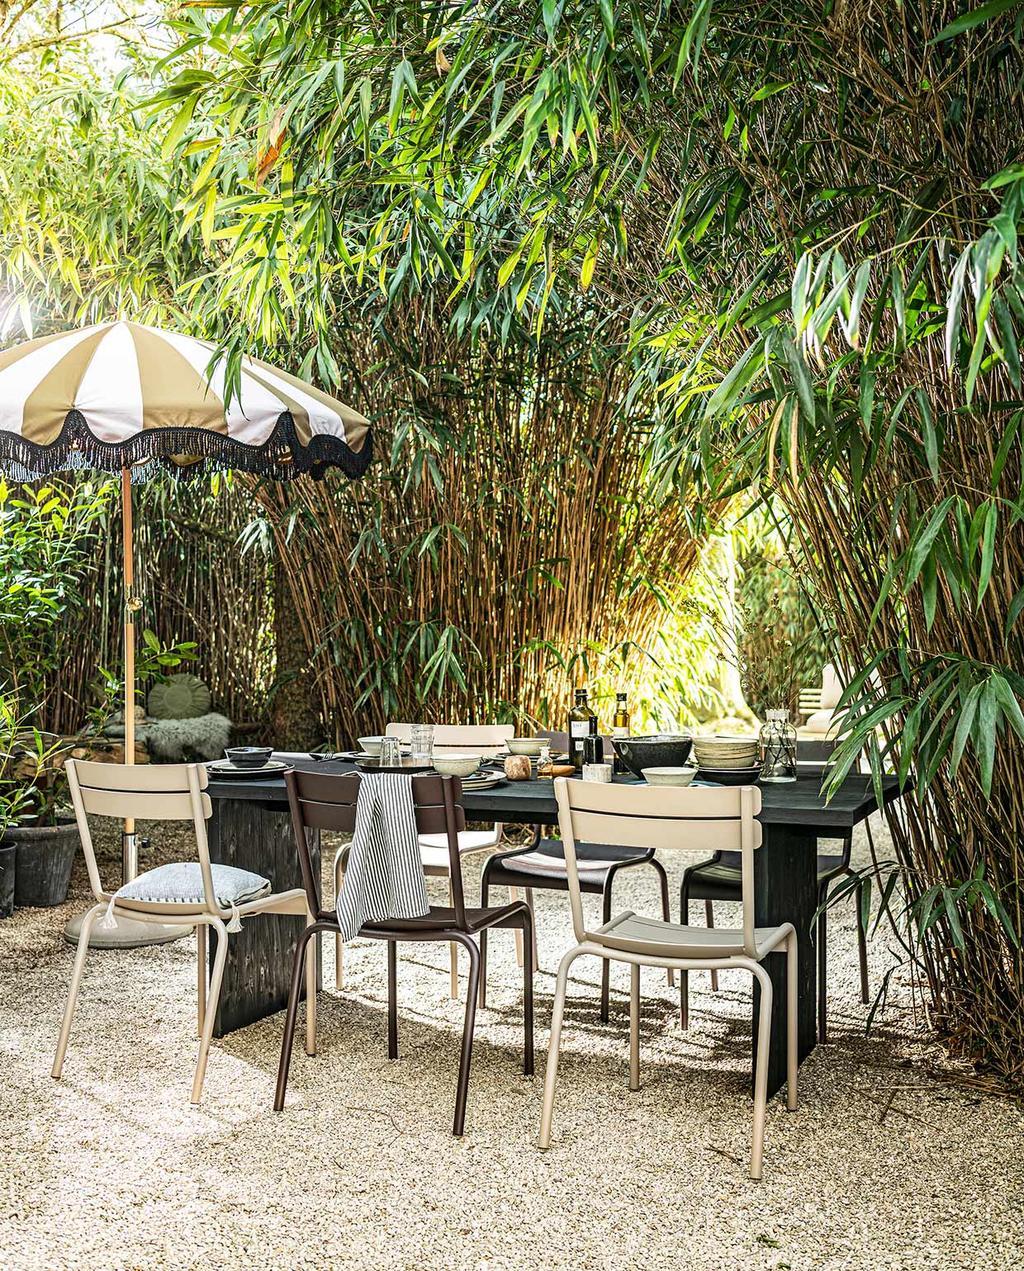 vtwonen 06-2021 | de DIY tuintafel met een beige en witte parasol